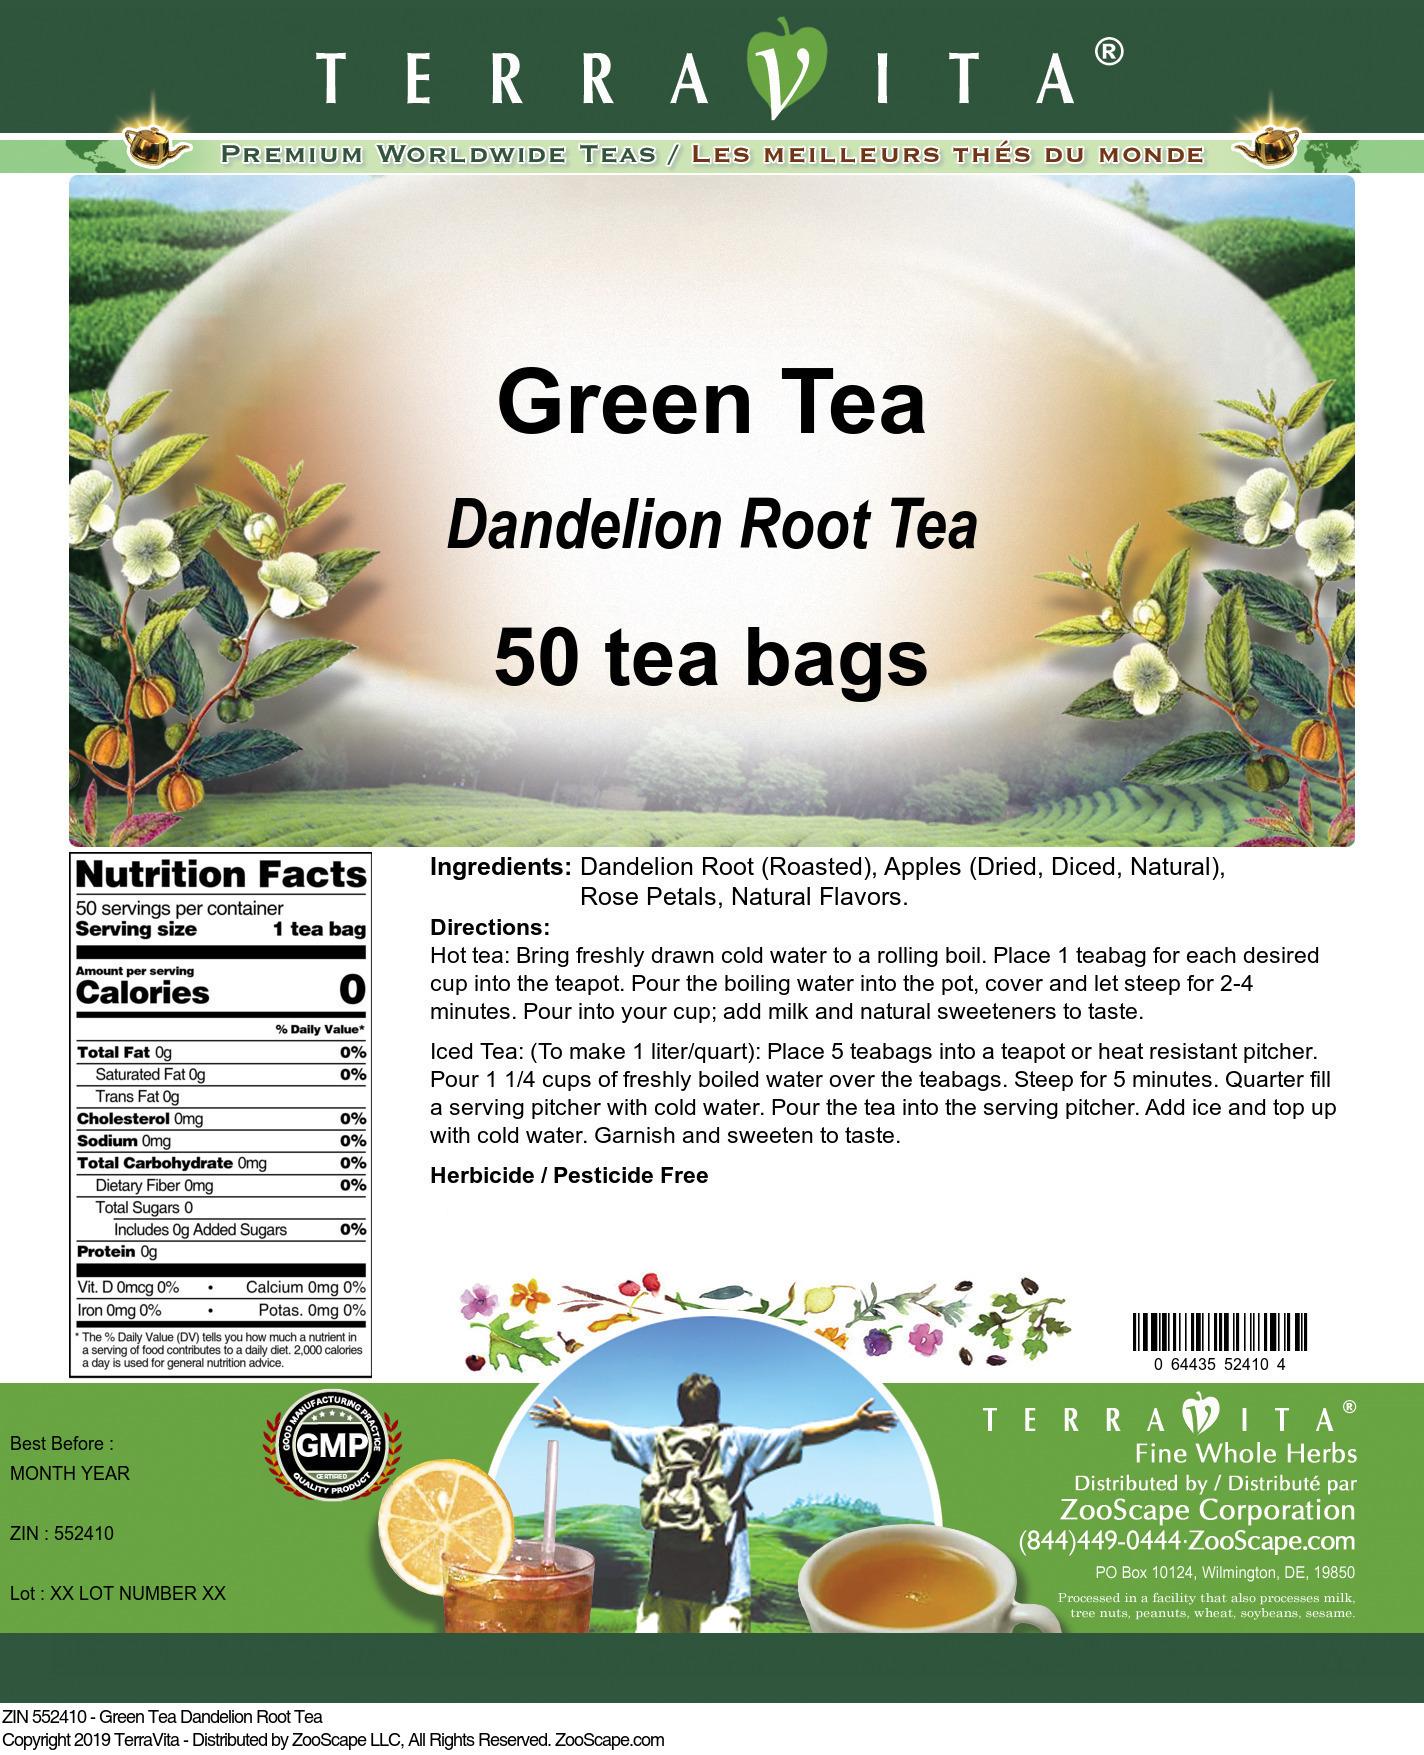 Green Tea Dandelion Root